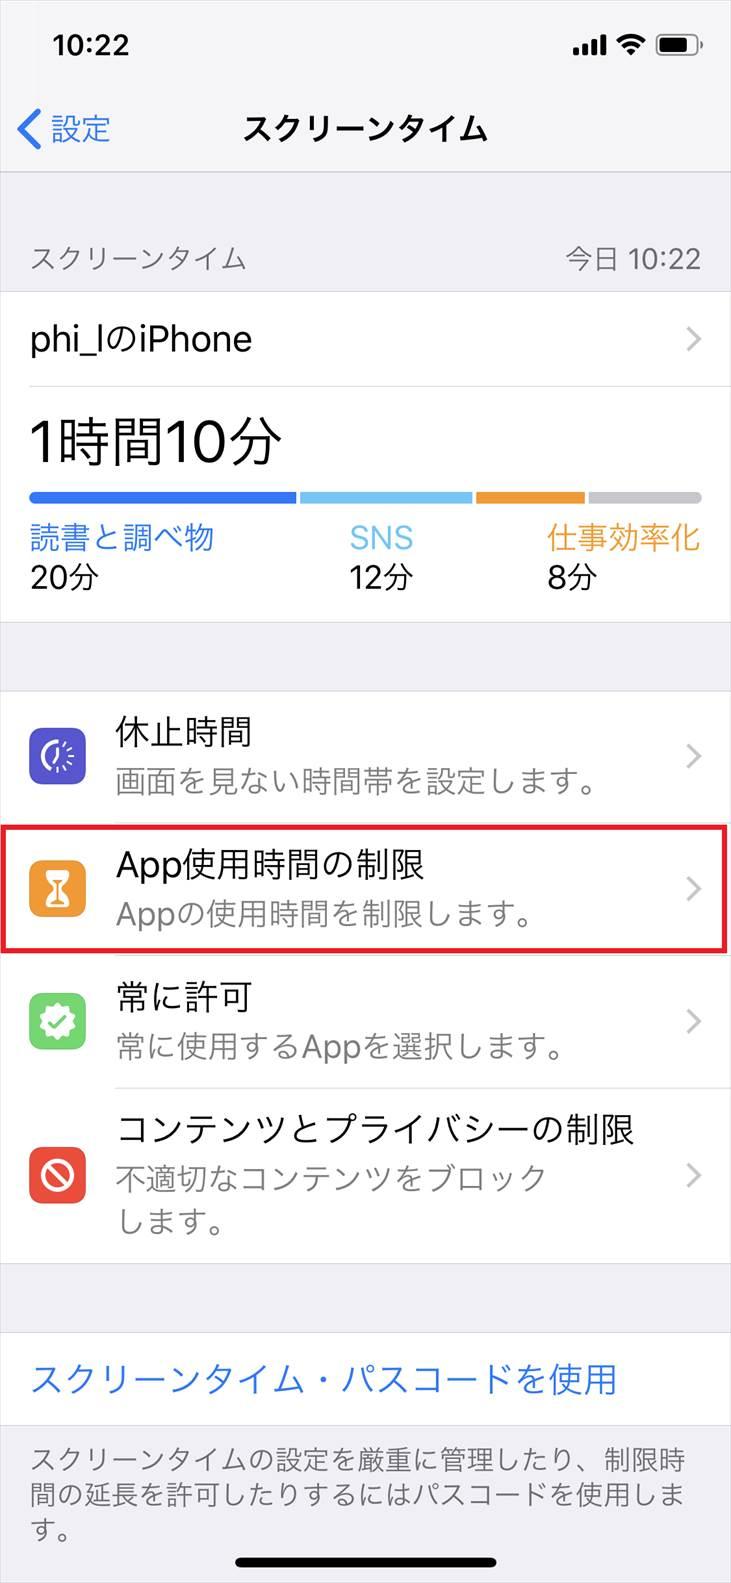 制限 時間 スマホ アプリ 使用